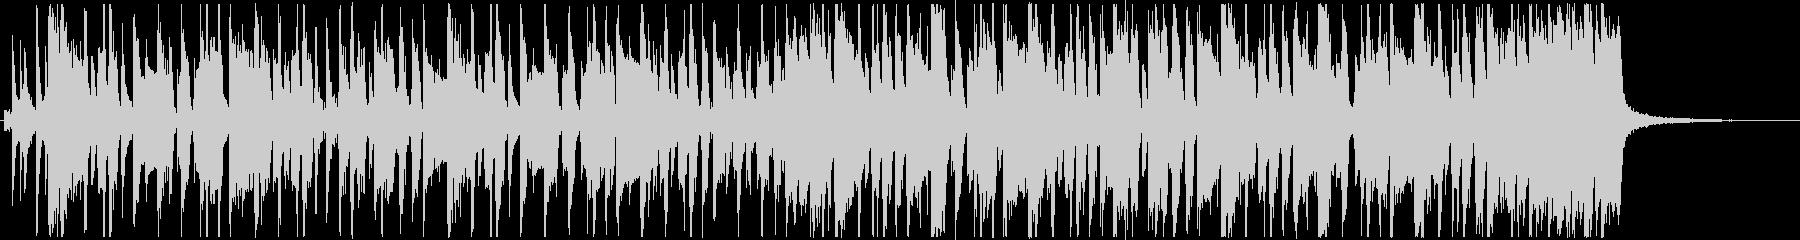 楽しいおしゃれなファンキーベースのBGMの未再生の波形